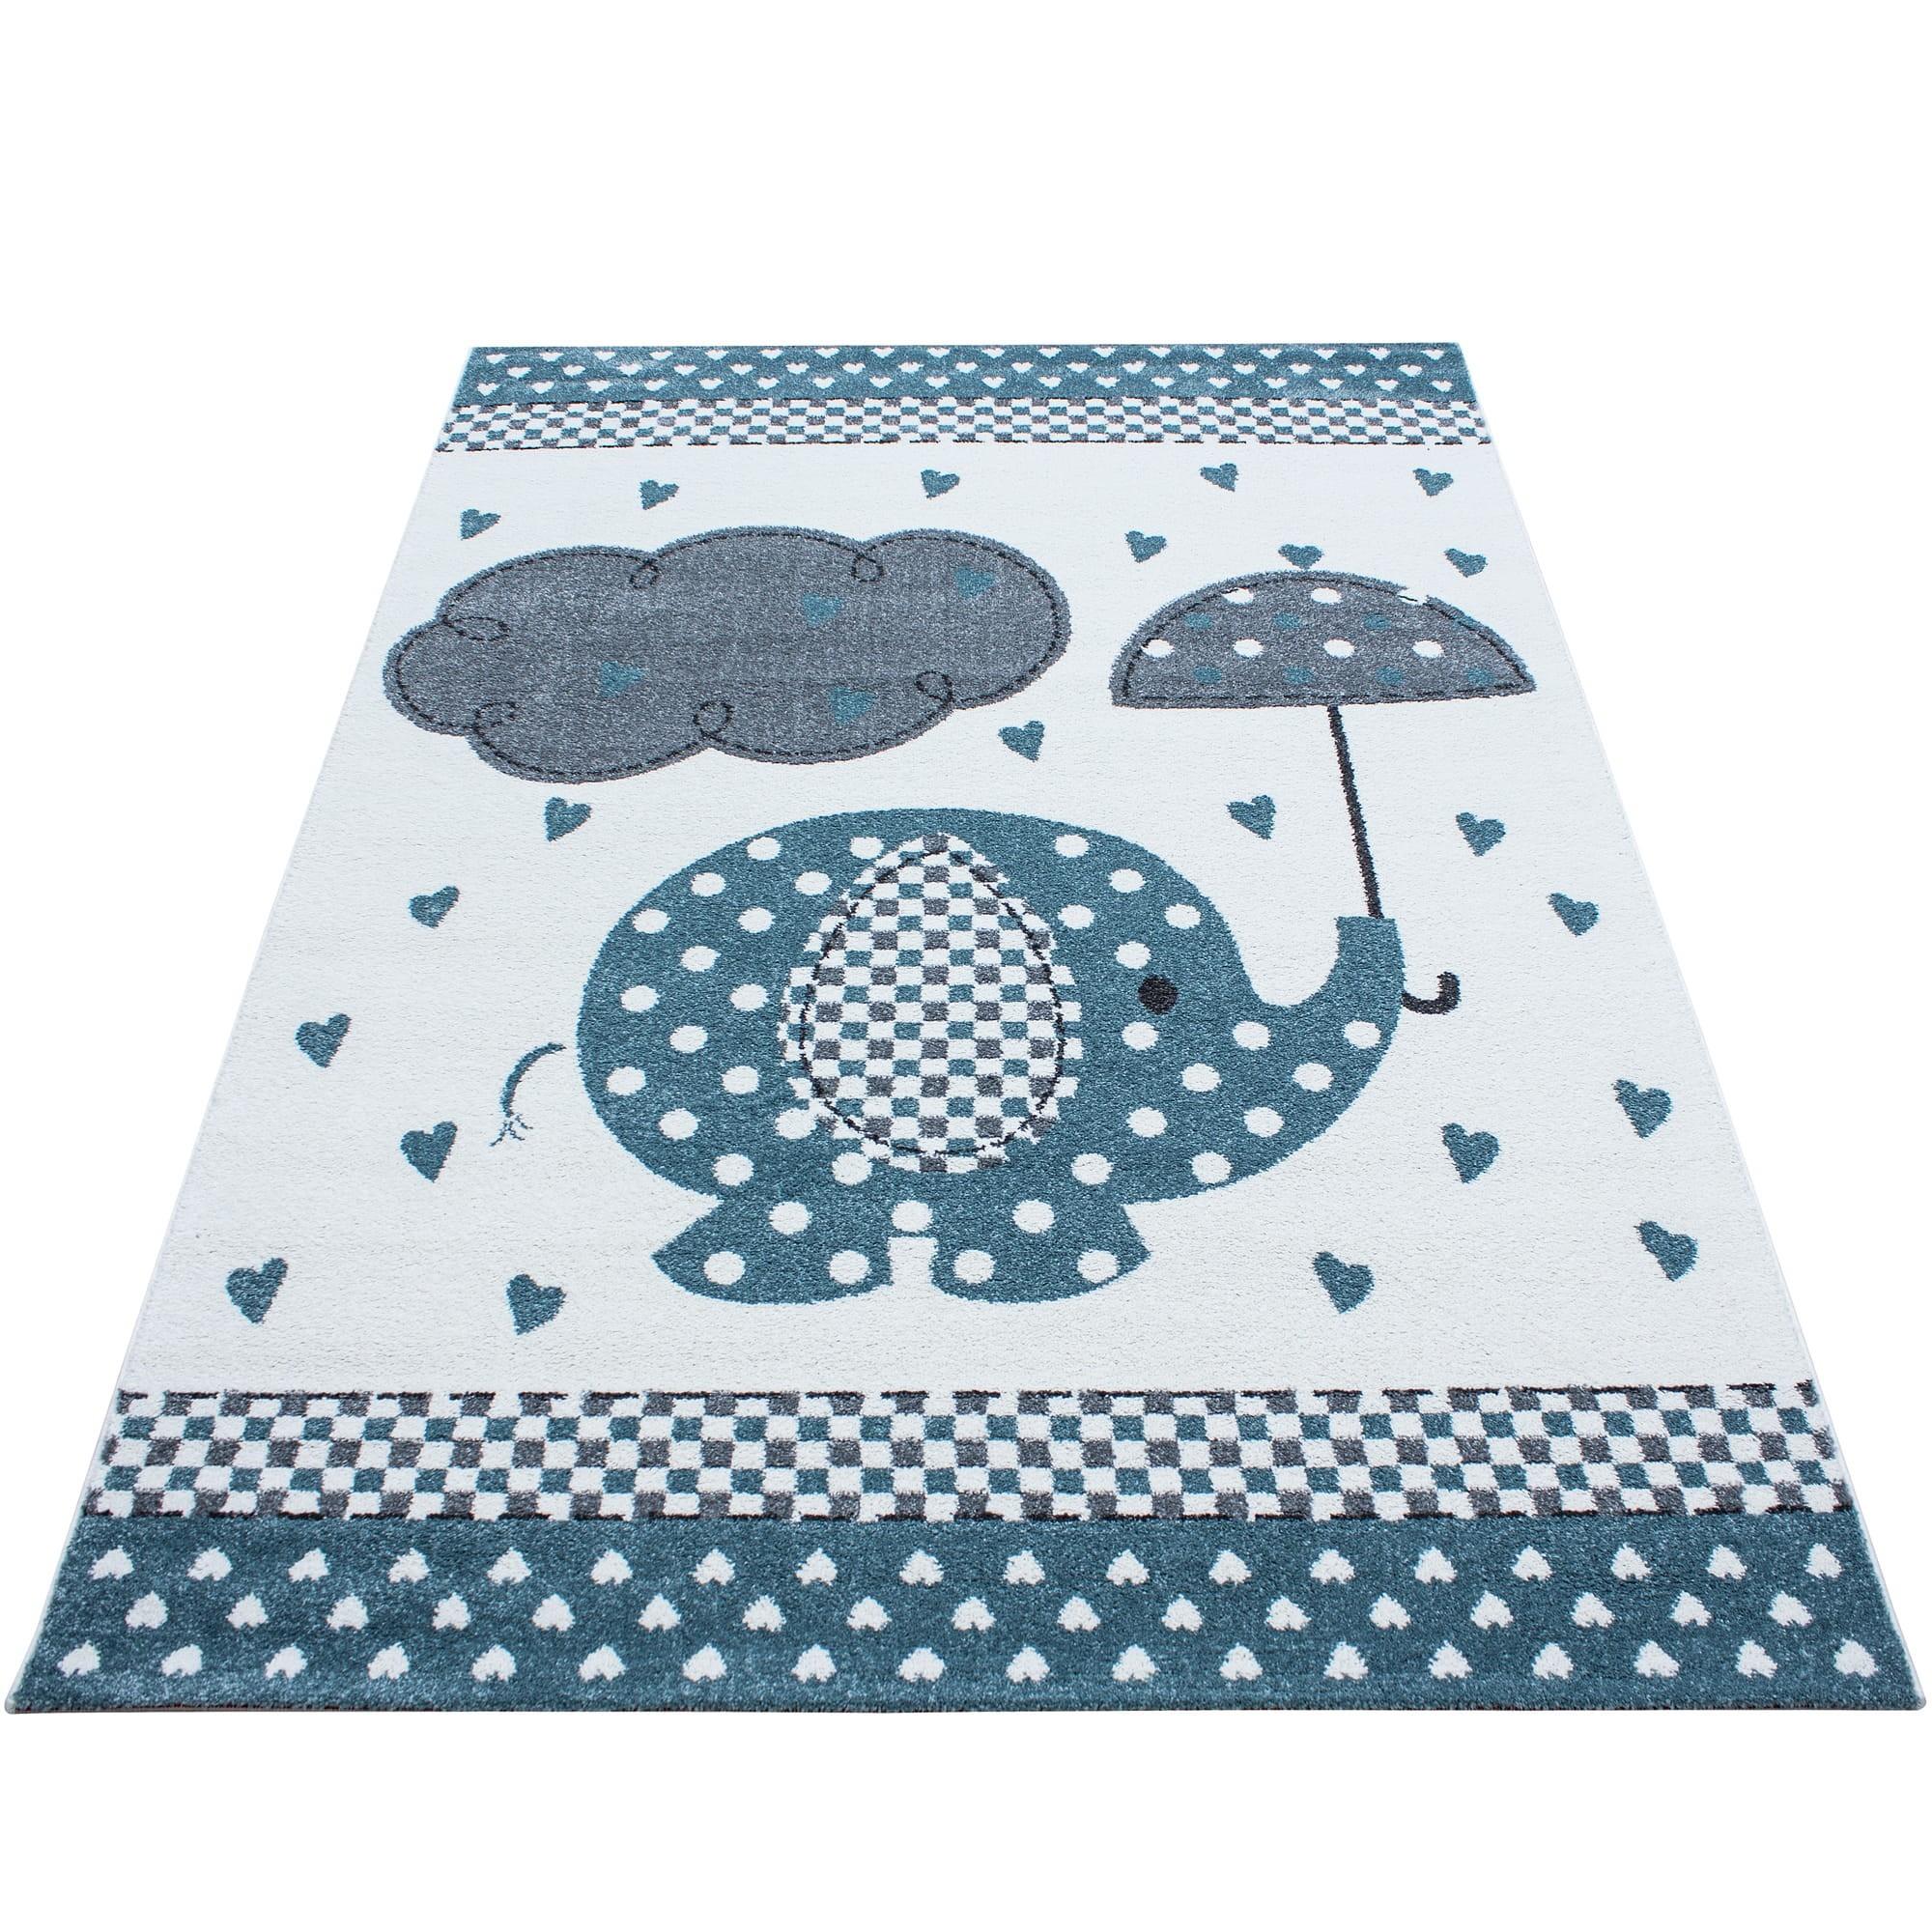 Moderní modrý koberec do dětského pokoje sloník štěstí